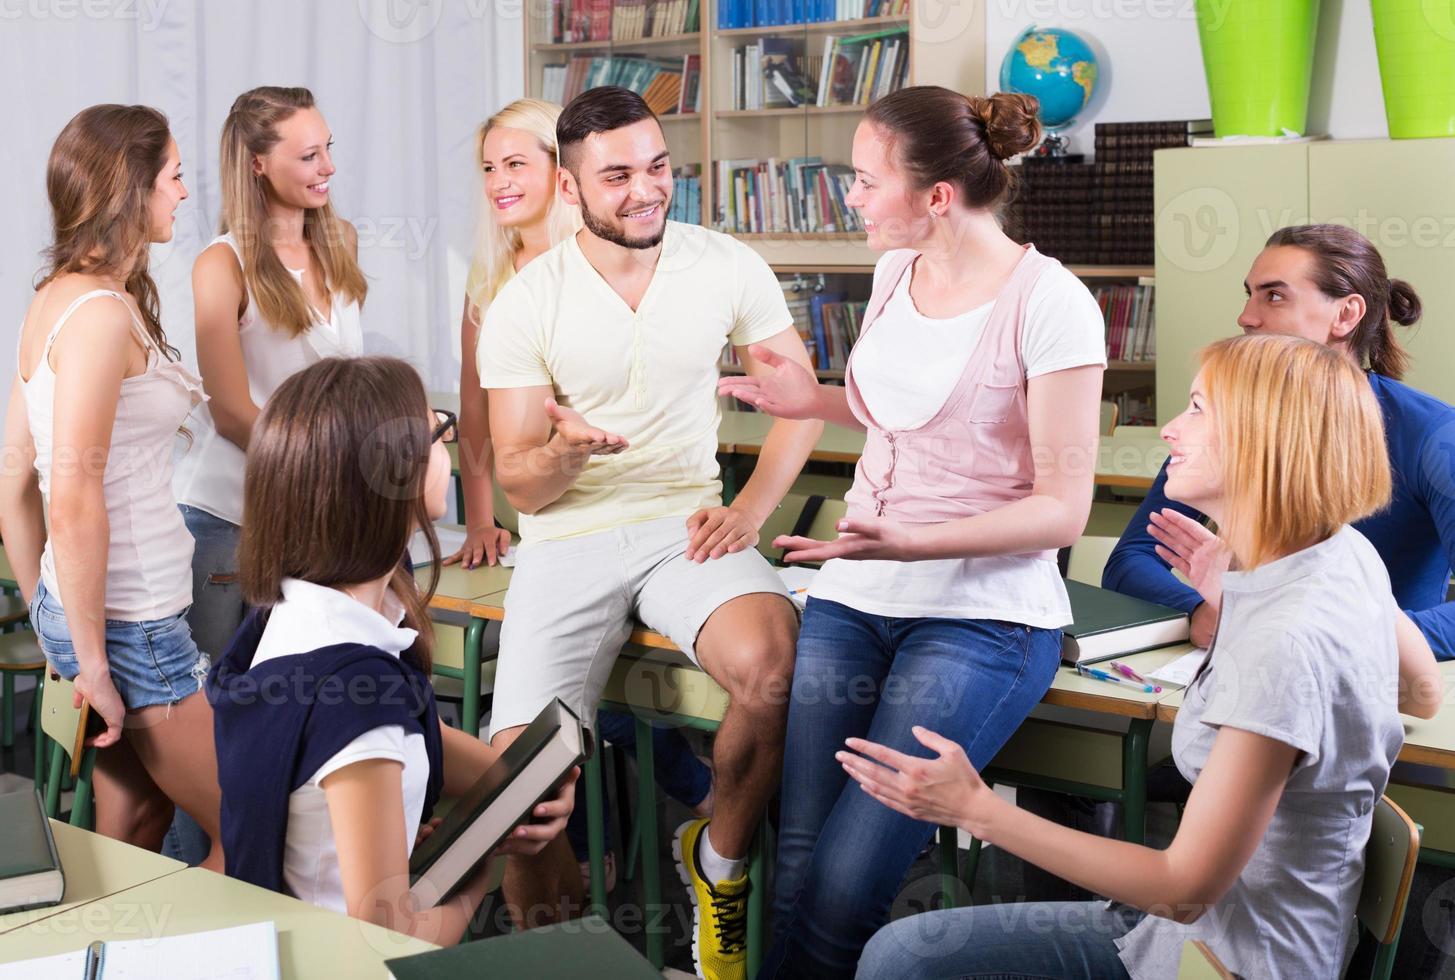 conversa dos alunos na sala de aula foto